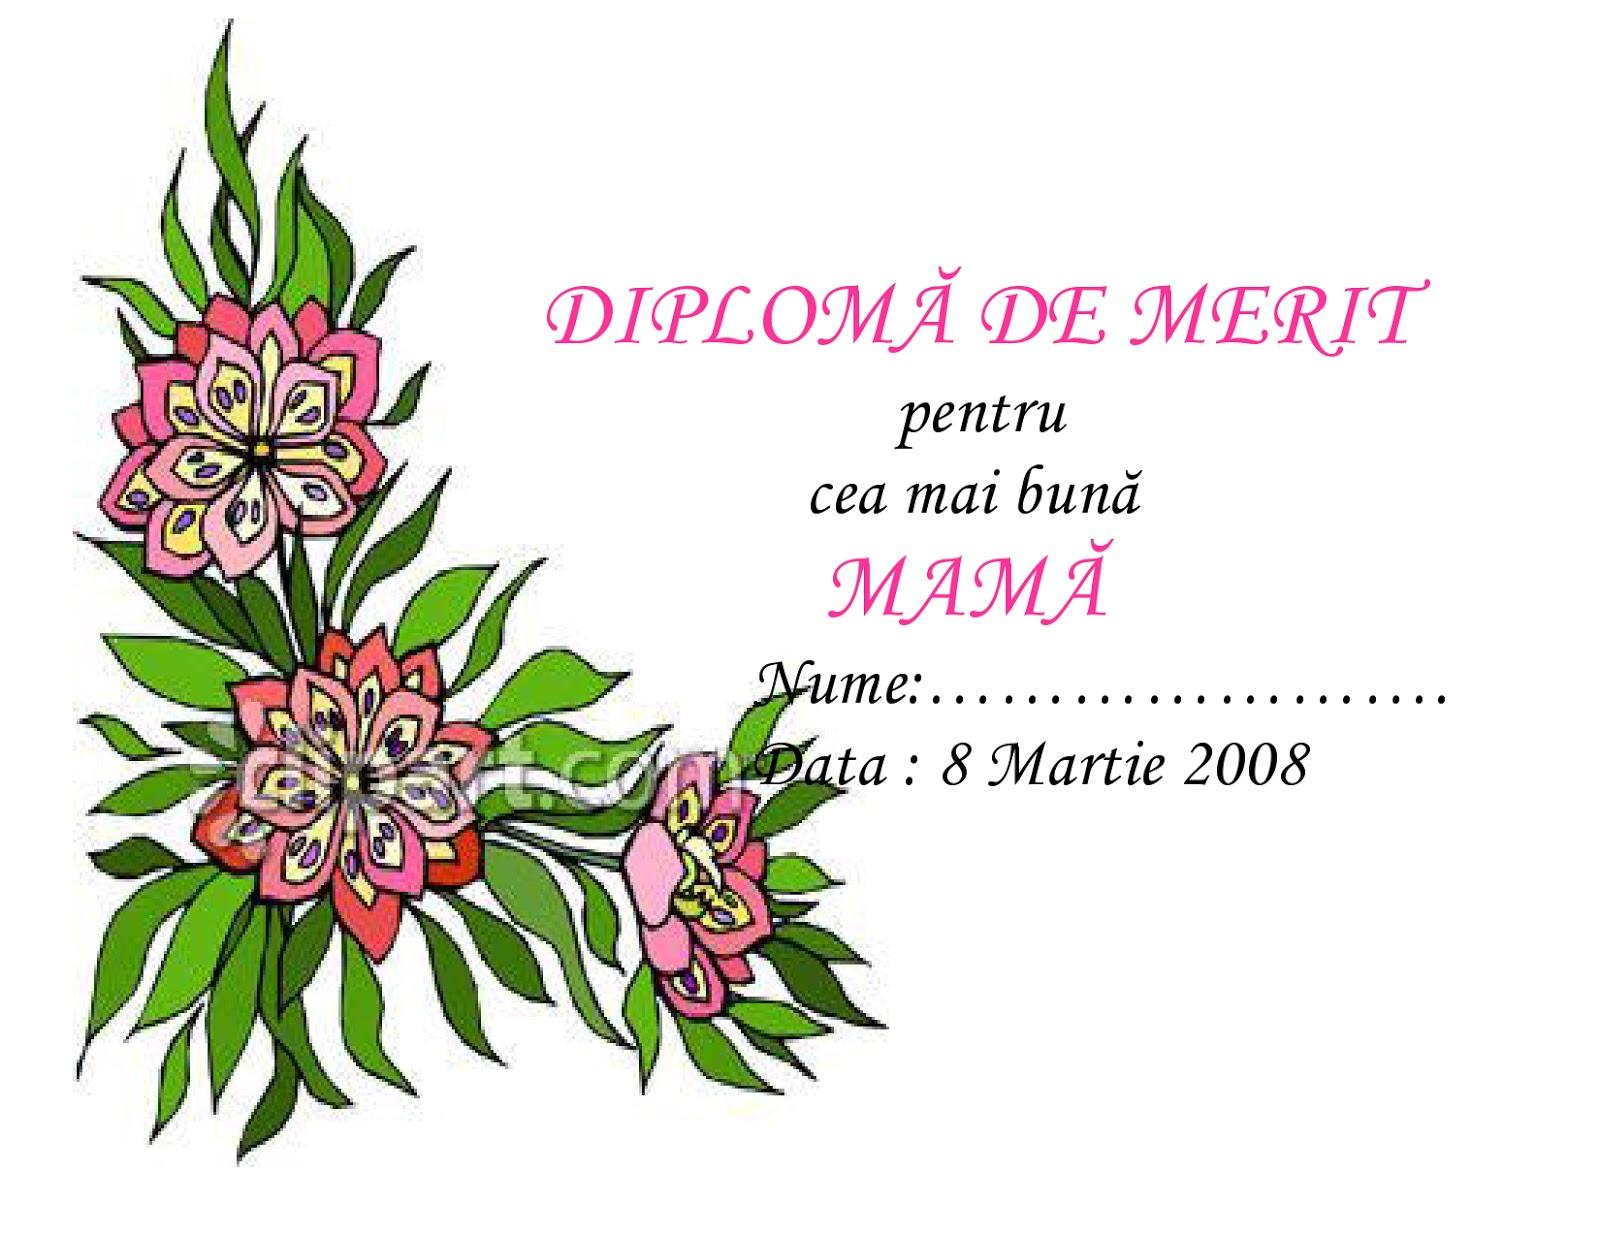 Diploma De Merit Pentru Cea Mai Buna Mama Diploma Diploma Diploma